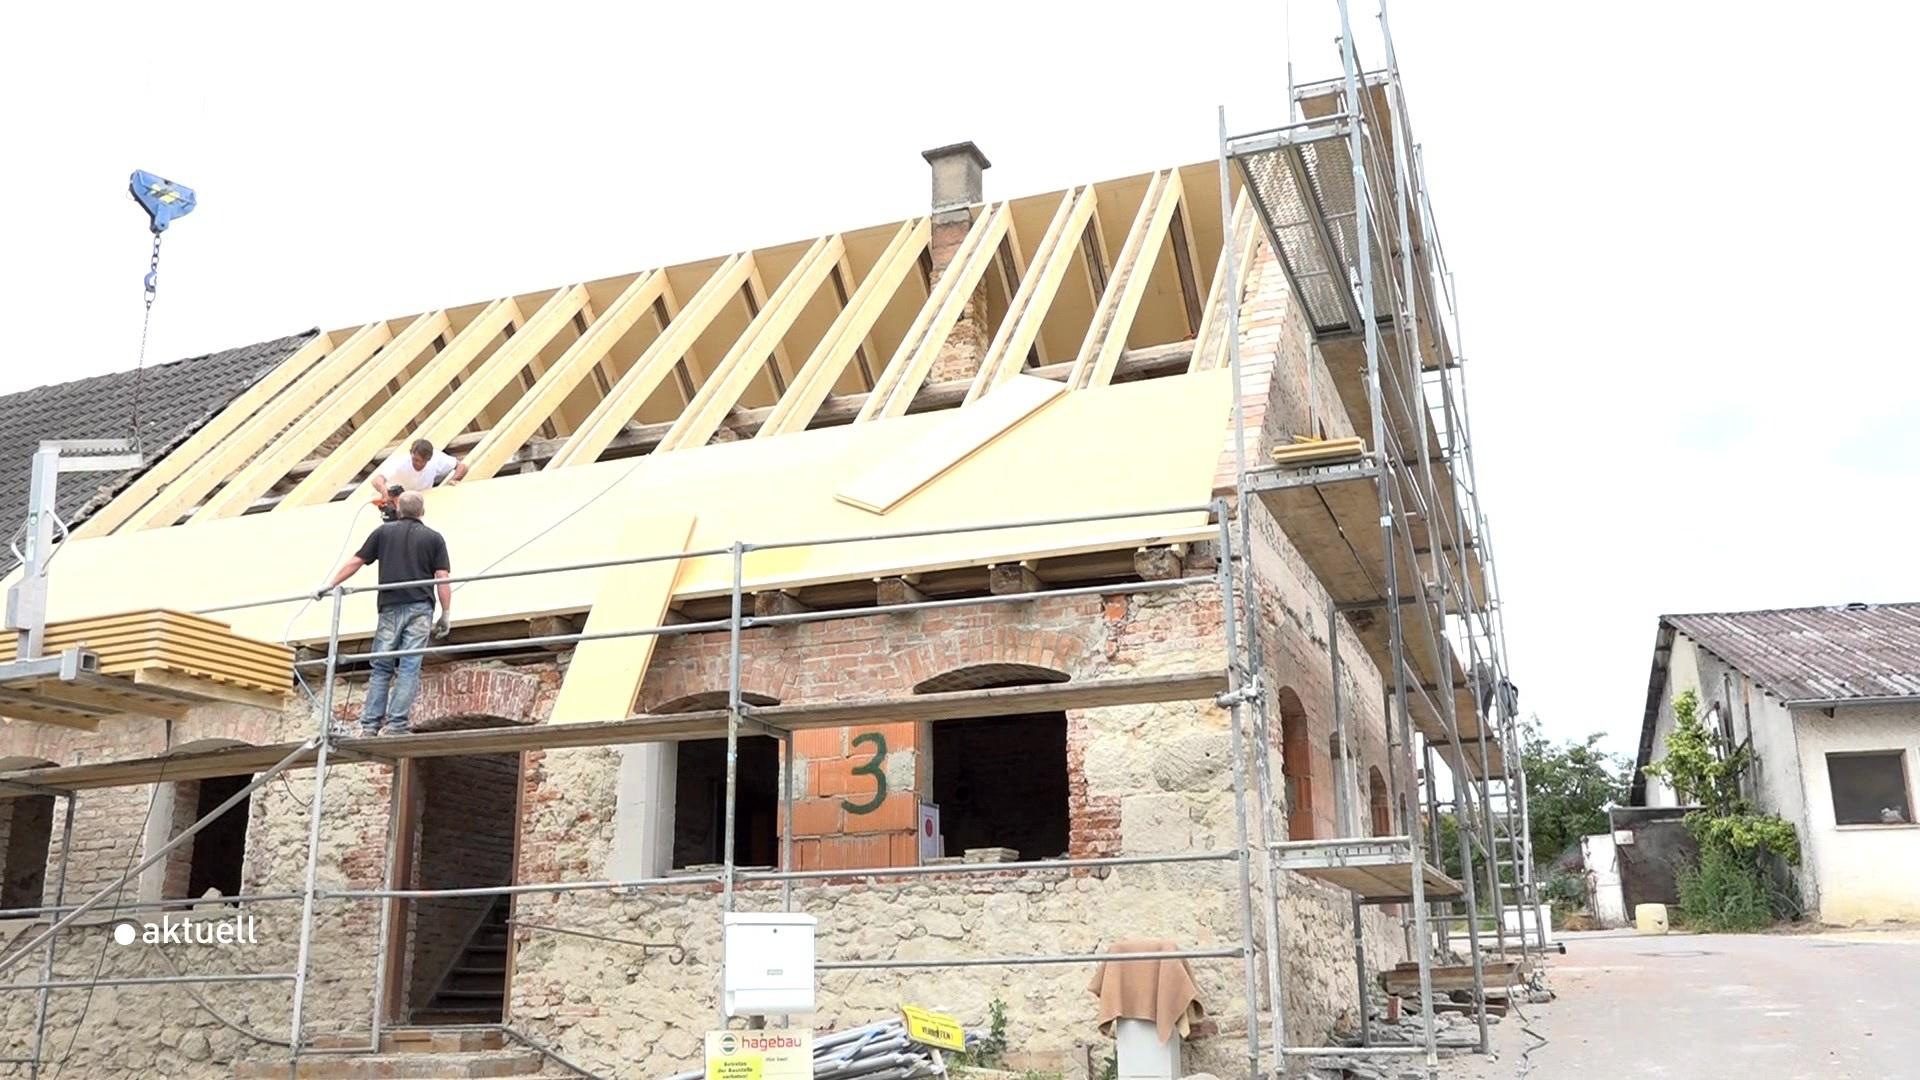 Sanierung eines denkmalgeschützten Bauernhauses